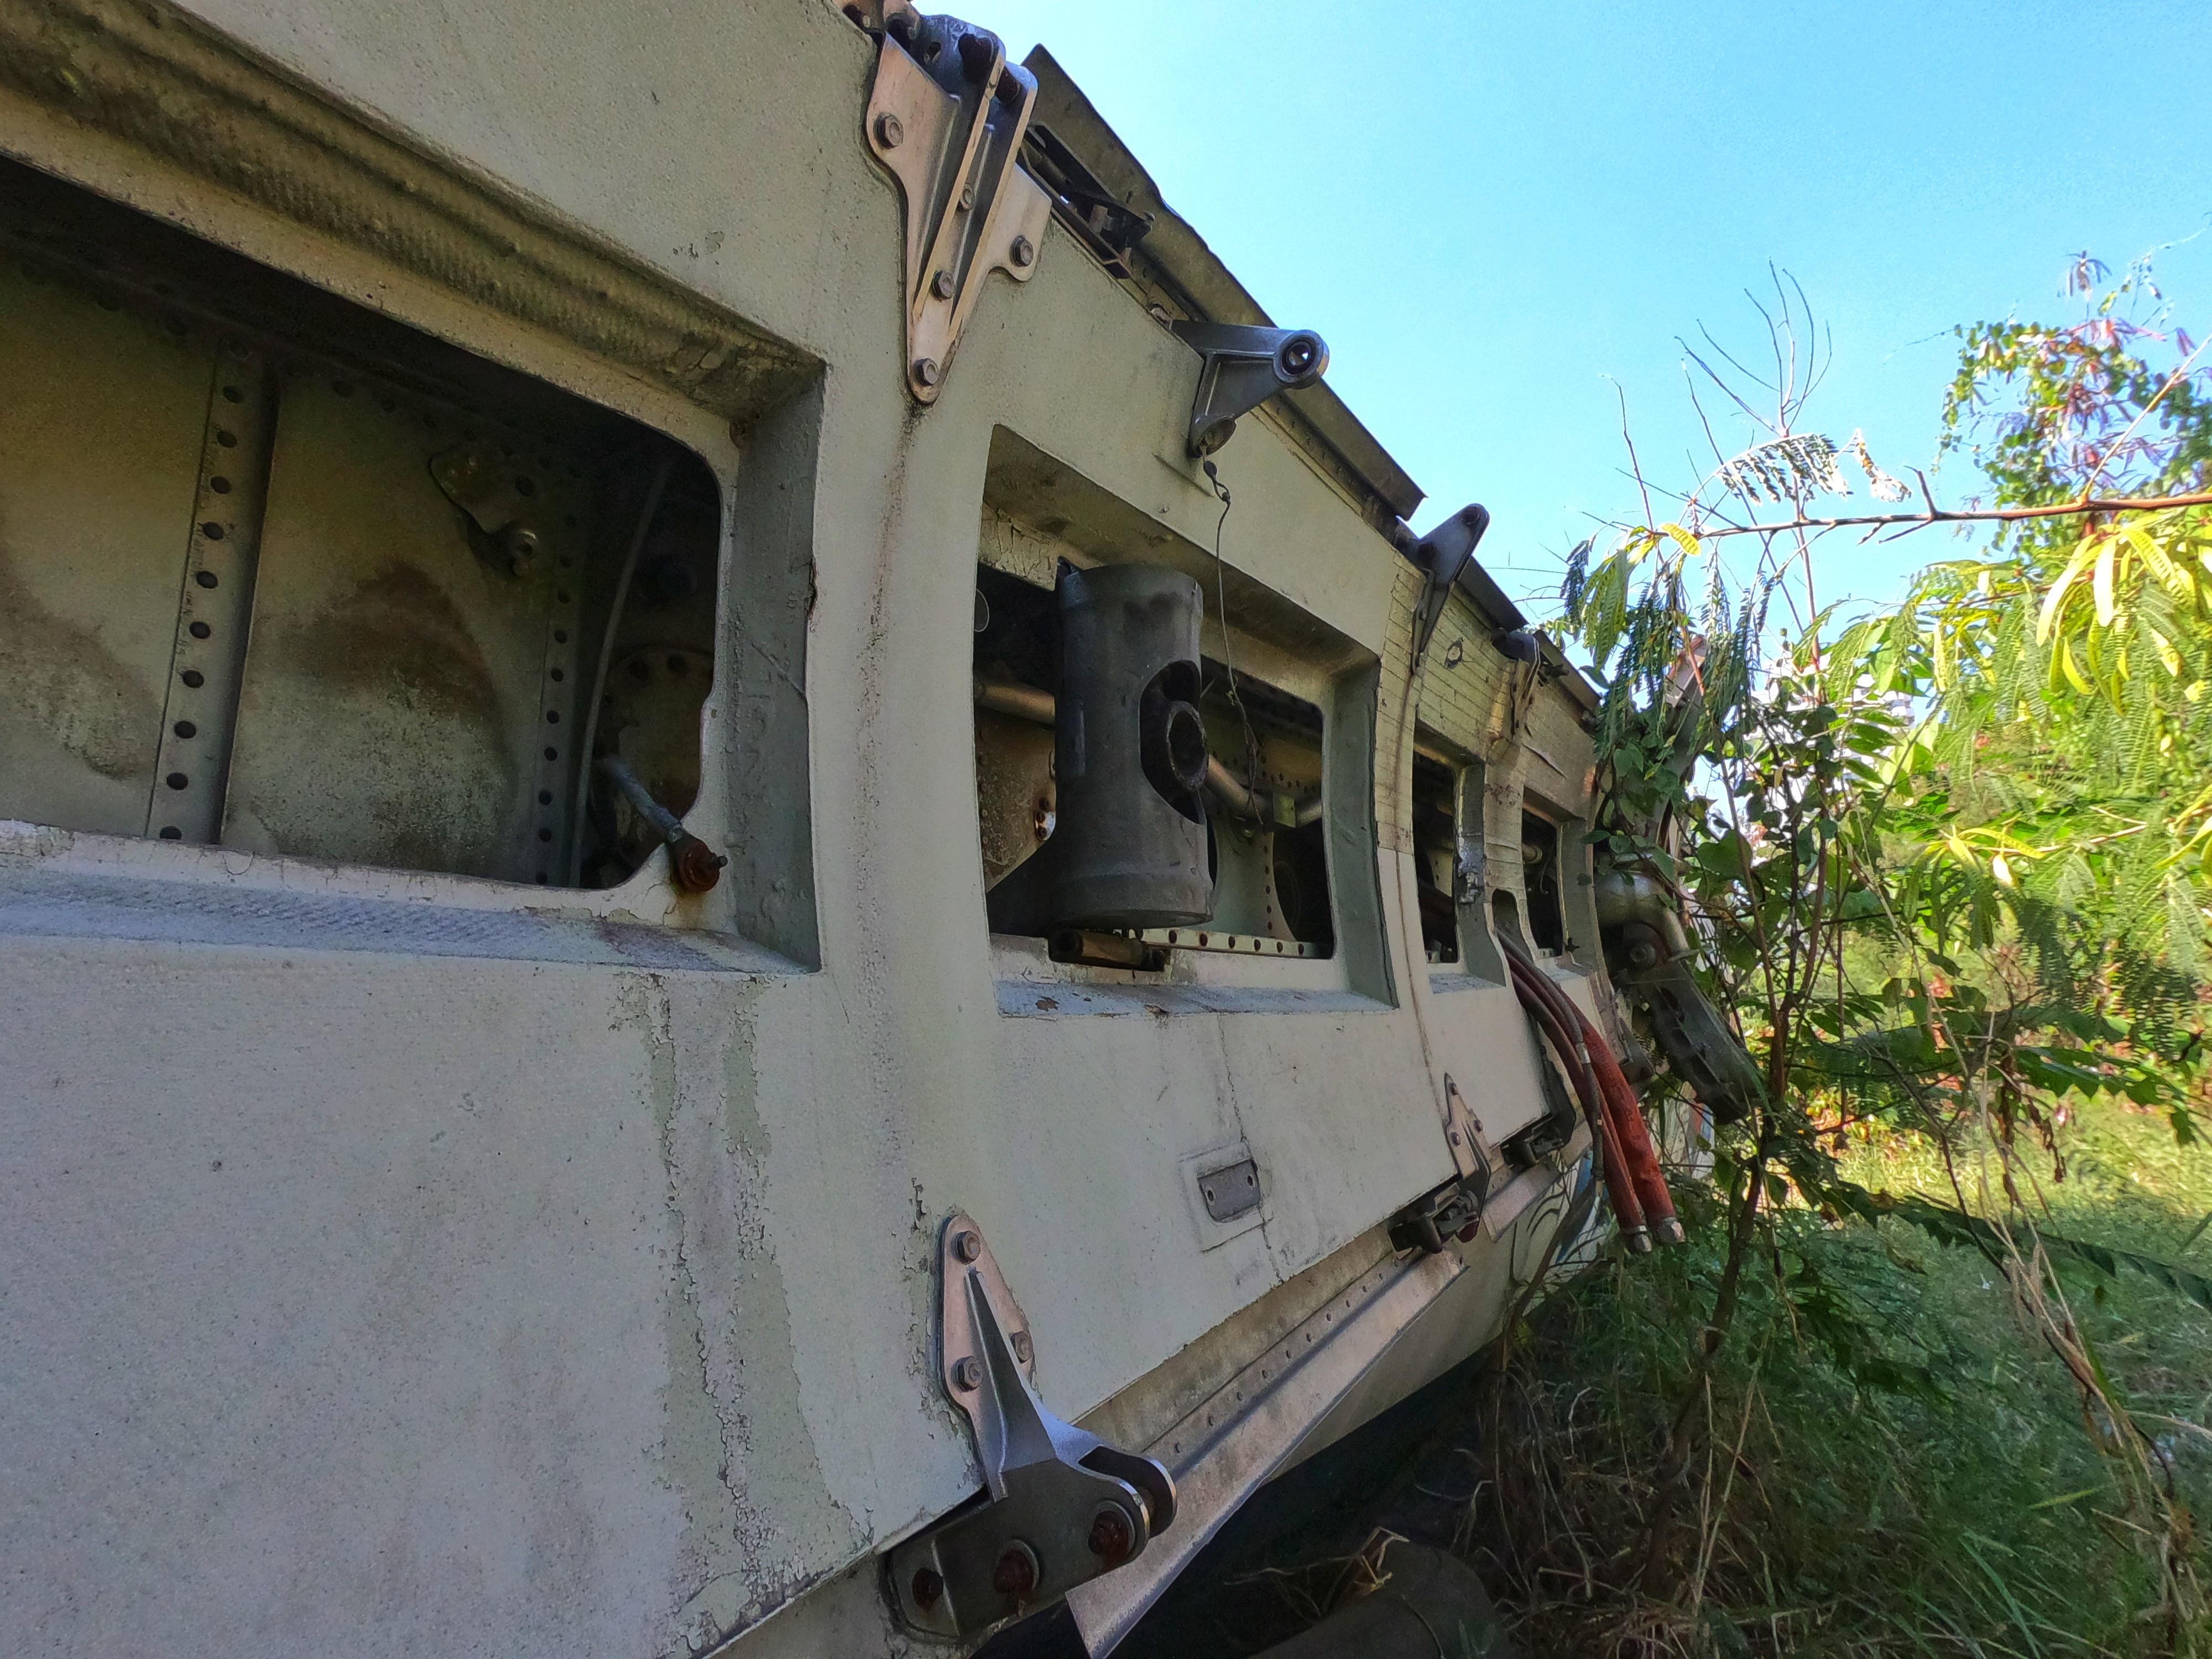 Abandoned Plane Graveyard, Thailand | Abandoned World Photography